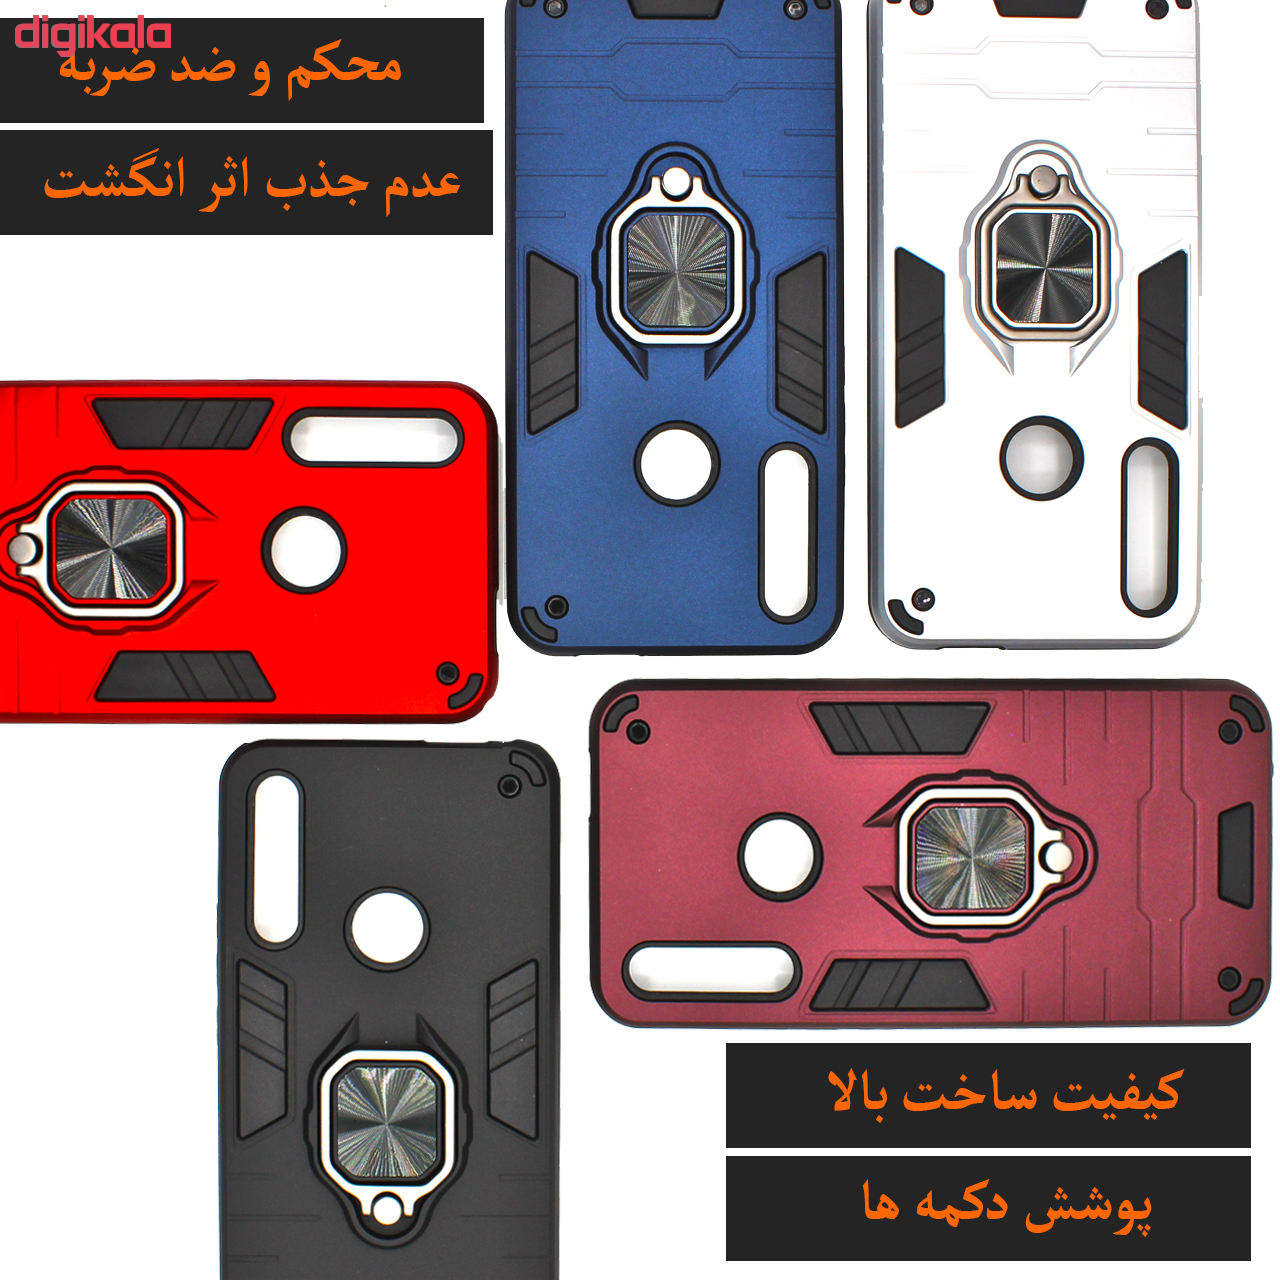 کاور کینگ پاور مدل ASH22 مناسب برای گوشی موبایل هوآوی P30 Lite main 1 12